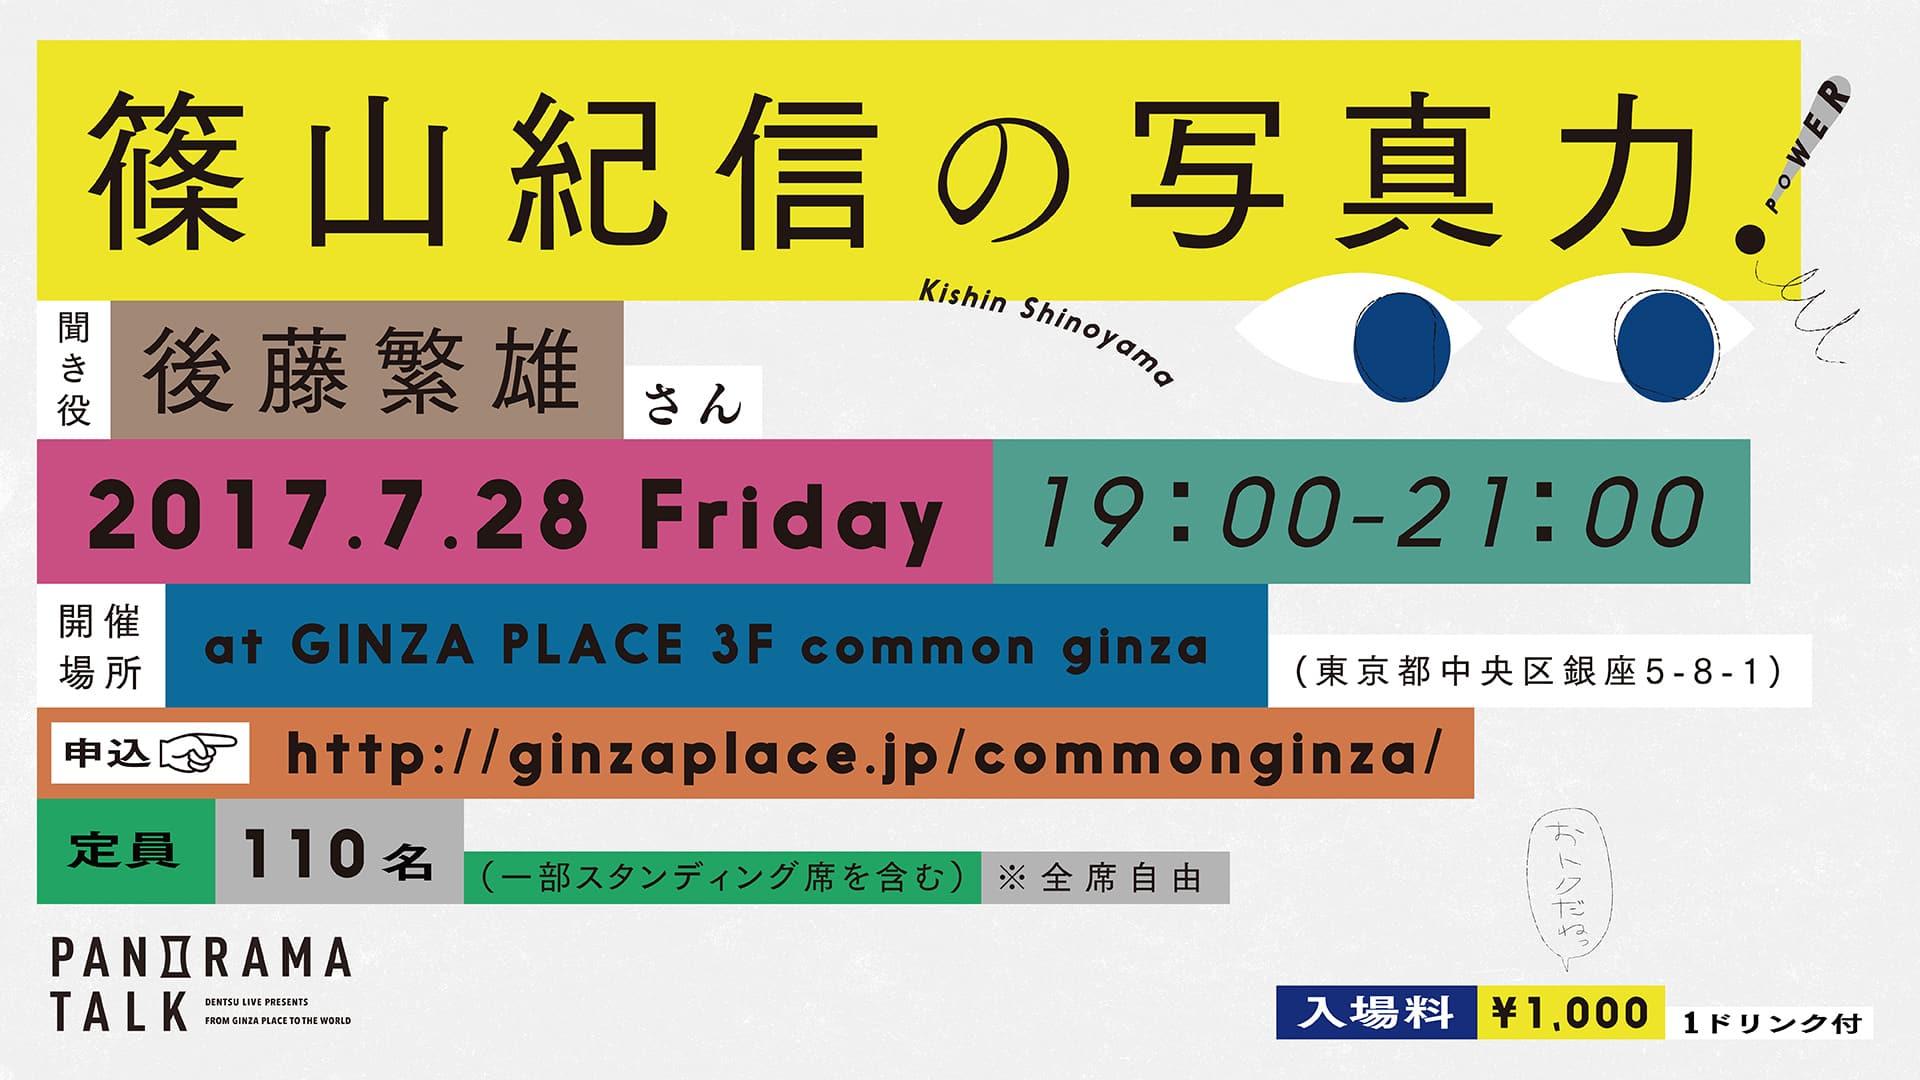 パノラマトーク#05 篠山紀信の写真力!